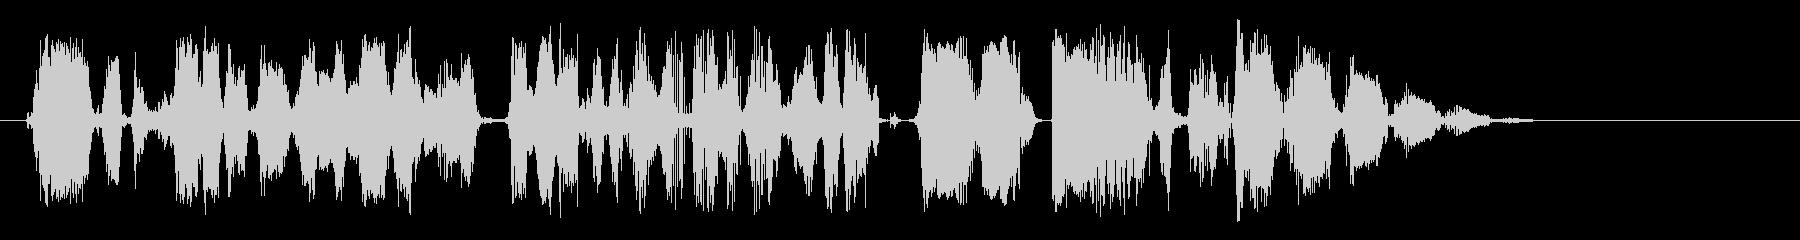 ダッククワック、ラピッド&アプセット。の未再生の波形